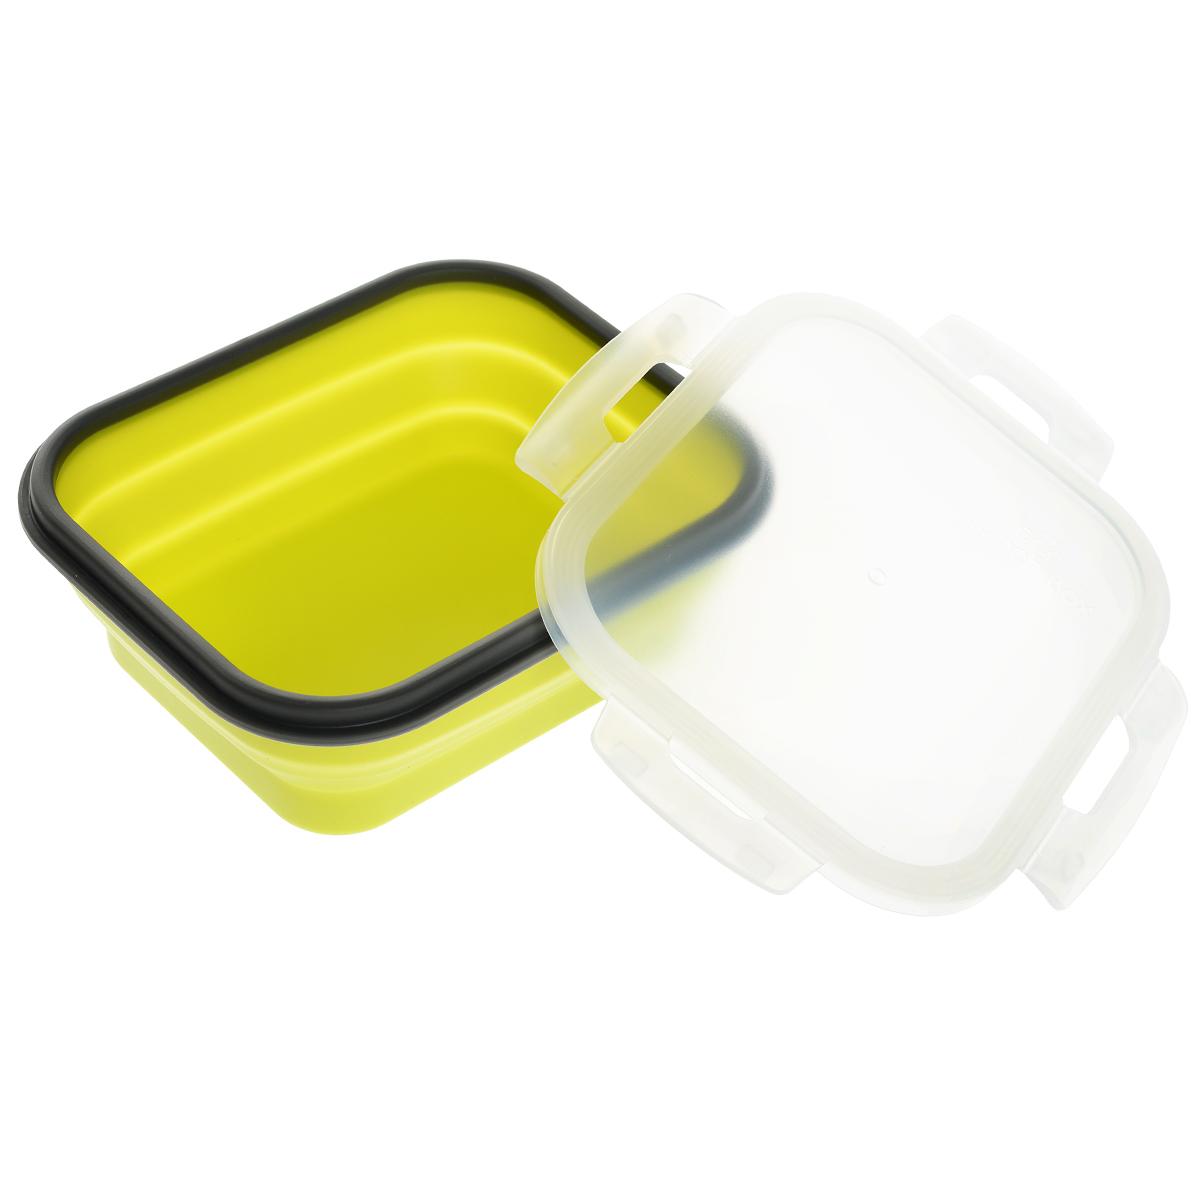 Контейнер силиконовый, складной, 18 х 15 х 7 см842-003Складной контейнер с крышкой, выполненный из силикона, это удобная и легкая тара для хранения и транспортировки бутербродов, порционных салатов, мяса или рыбы, горячих и холодных блюд, даже жидких продуктов. Силикон - экологически безопасный материал, не выделяющий вредных веществ при взаимодействии с пищей. Если у вас вошло в привычку брать на работу домашнюю еду, с этим контейнером вы можете разнообразить свой рацион. После использования контейнер можно просто сложить, он становится в два раза меньше по высоте и легко поместится в сумку. Необычная форма, яркий цвет, более удобная конструкция - все это отличает контейнер от других лоточков. Контейнер абсолютно герметичен. Пластиковая крышка оснащена четырьмя специальными защелками.